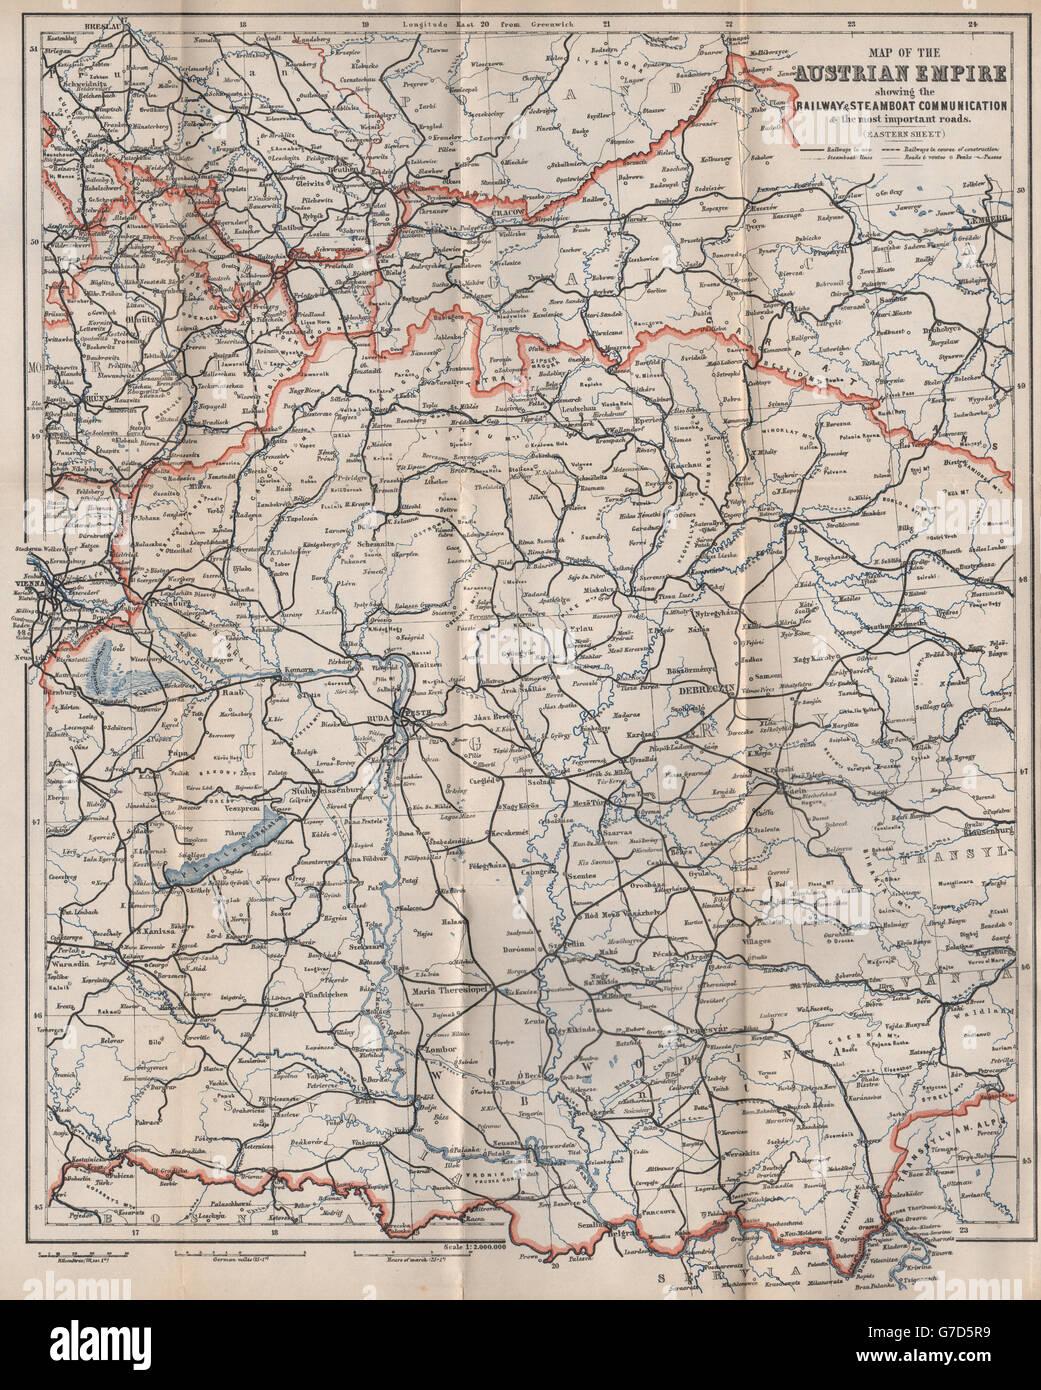 Galizien Karte.Ungarn Galizien österreichischen Reich Osten Blatt Straßen